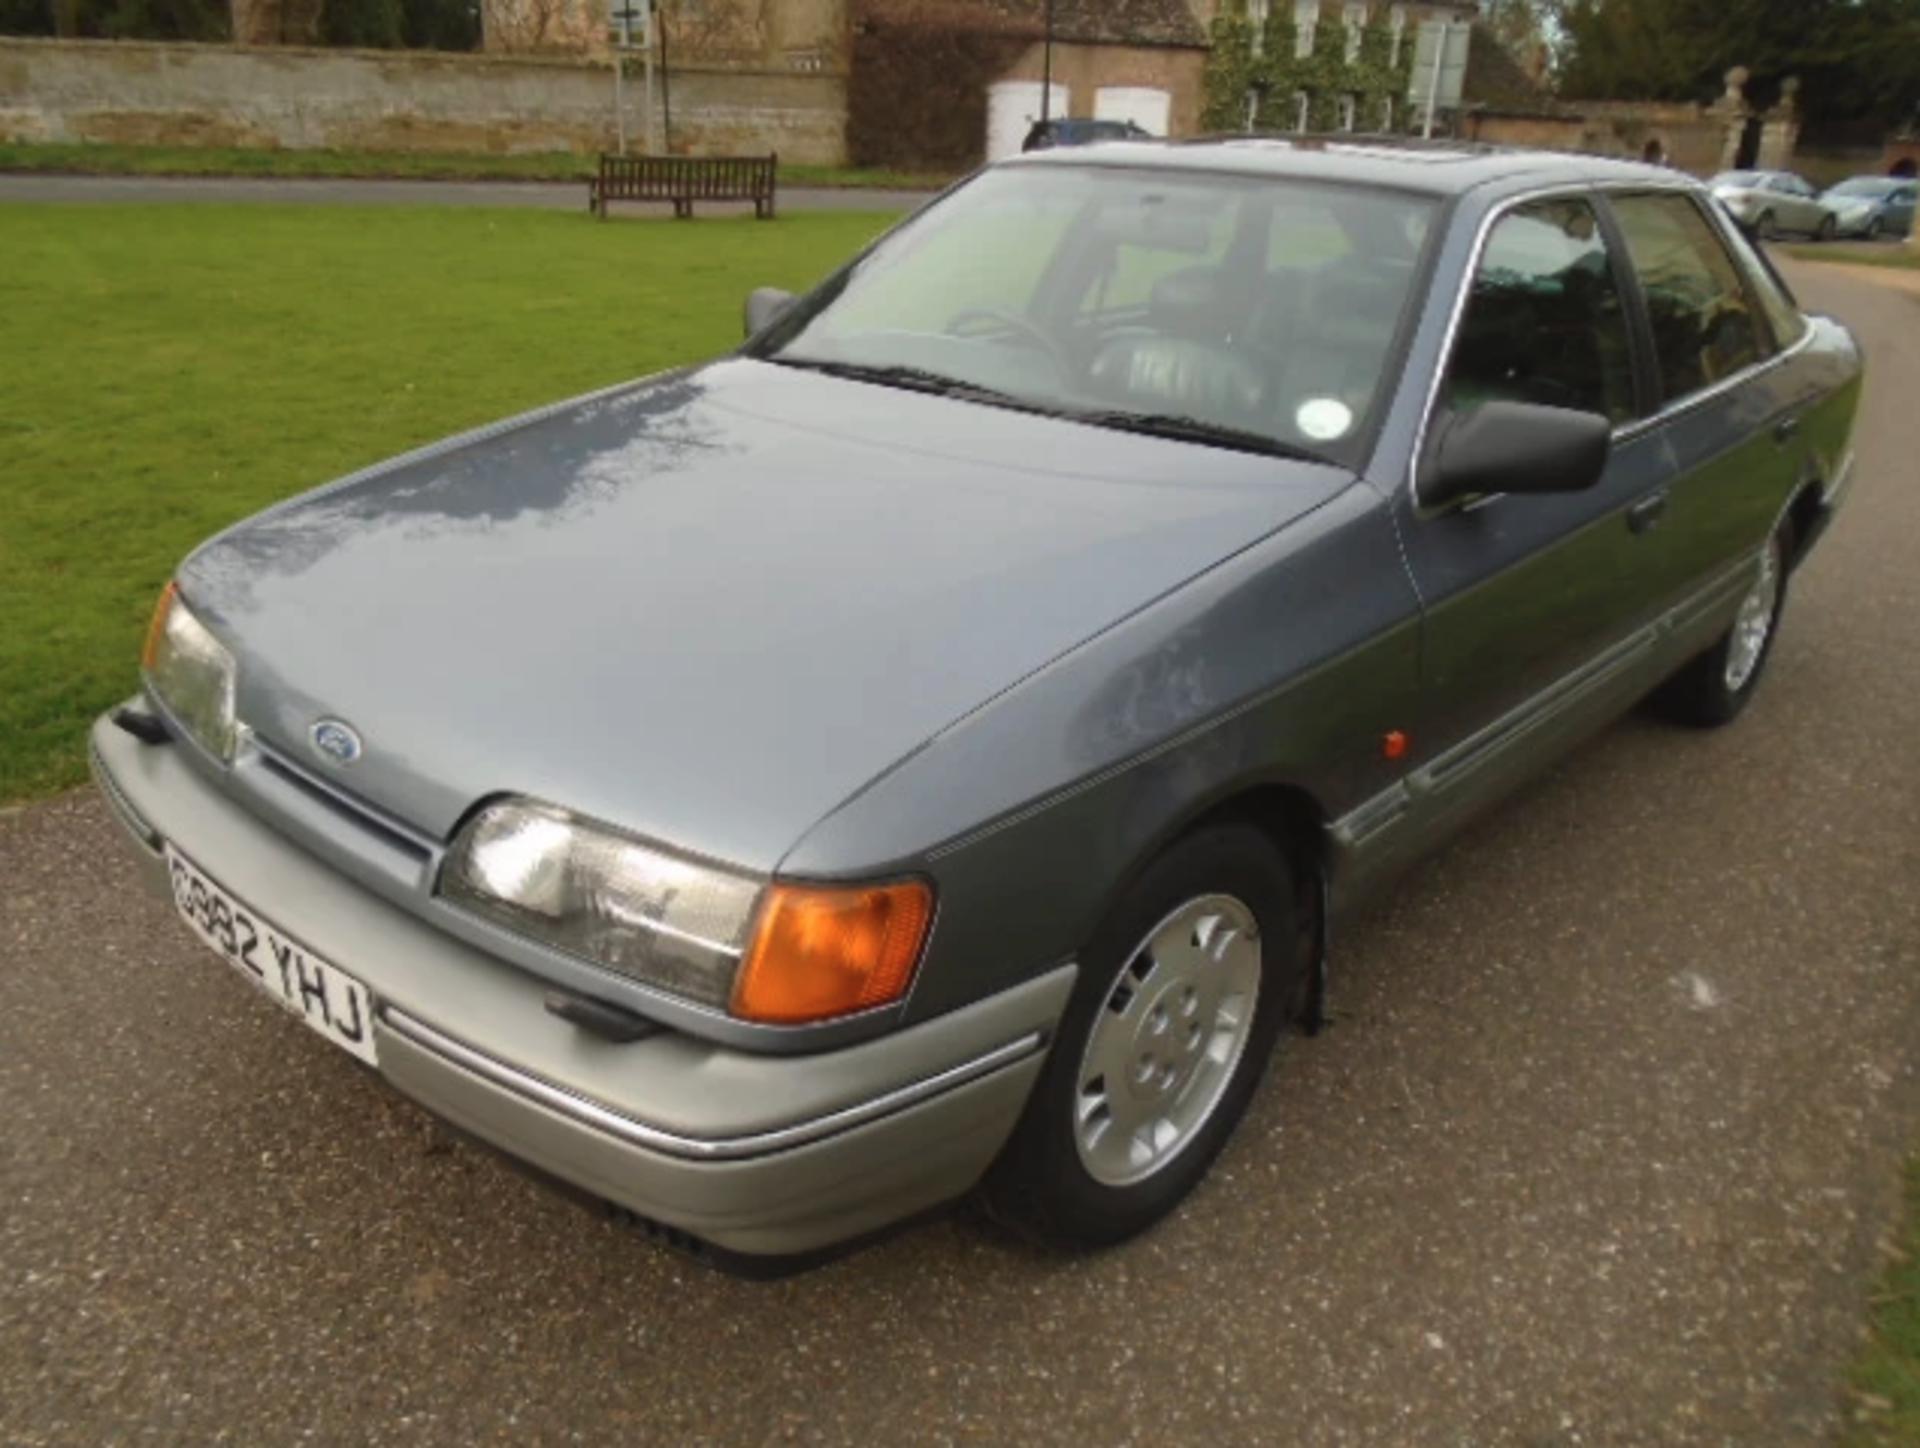 1989 Ford Granada Scorpio 2.9L V6